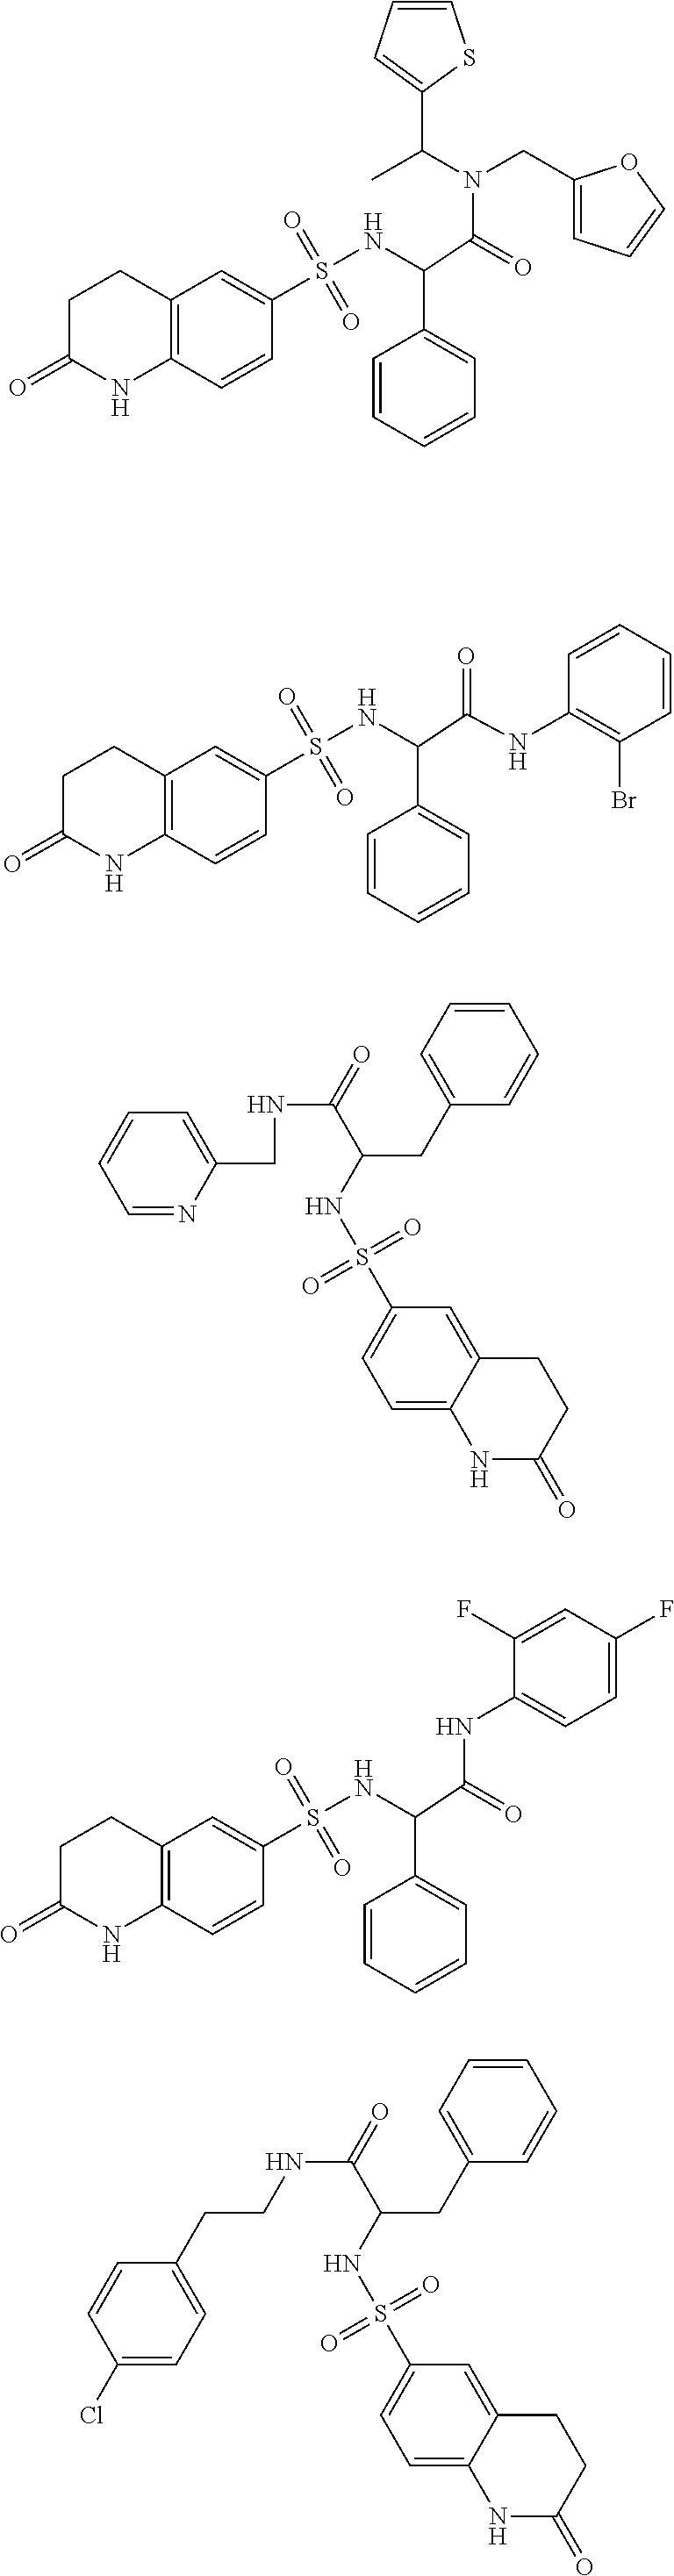 Figure US08957075-20150217-C00028